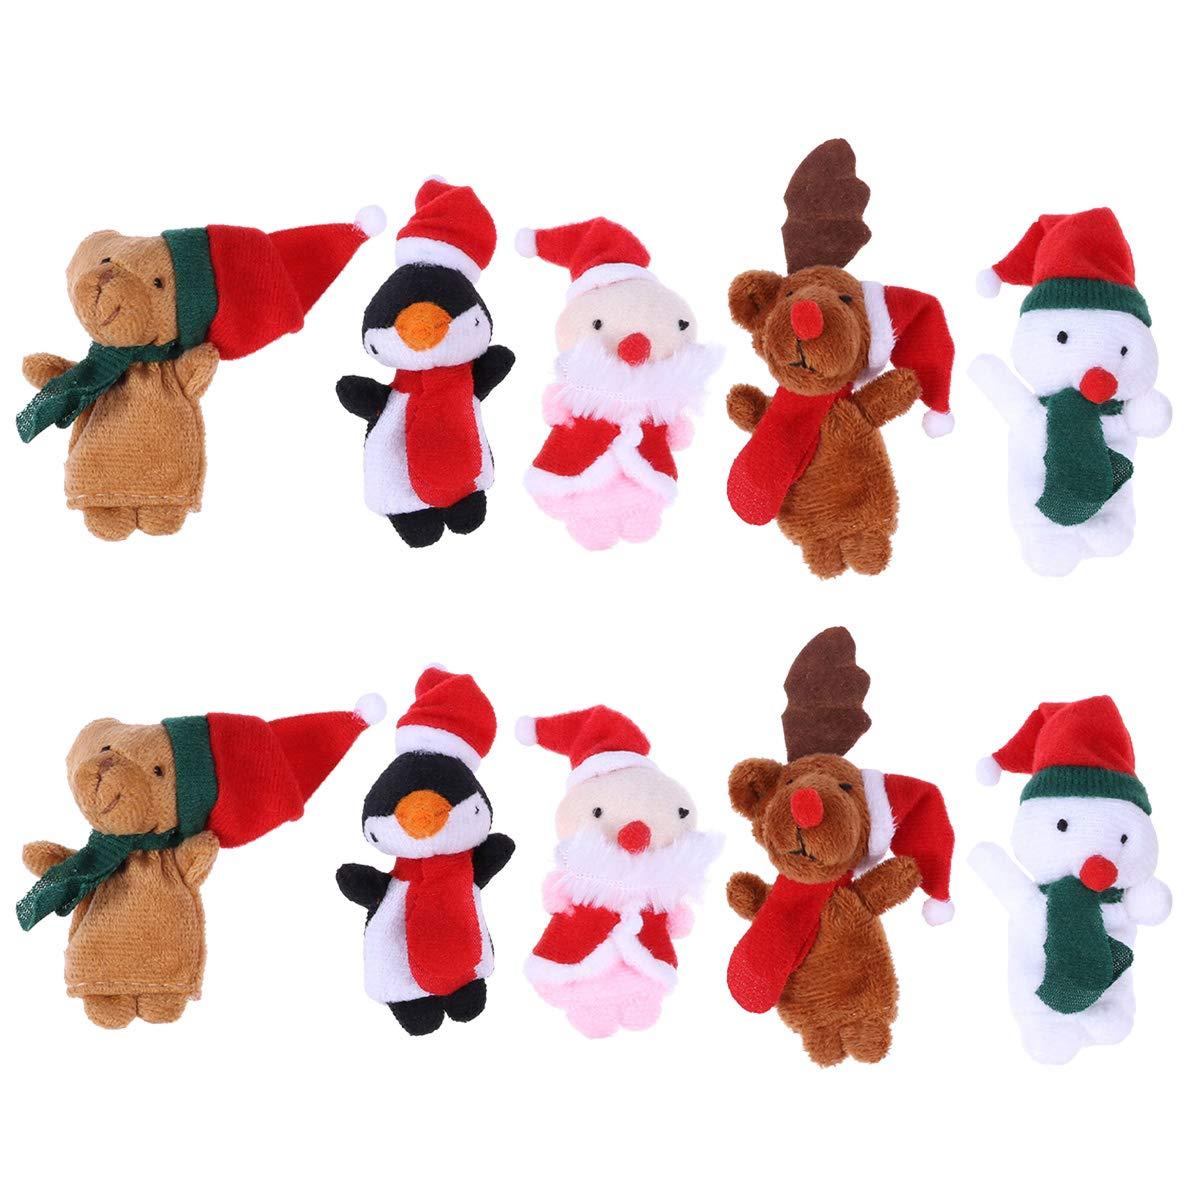 BESTOYARD 10 Stücke Weihnachten Fingerpuppen Plüsch Tier Figur Kleine Handpuppe Set Puppen Spielzeug Geschenk für Baby Kinder